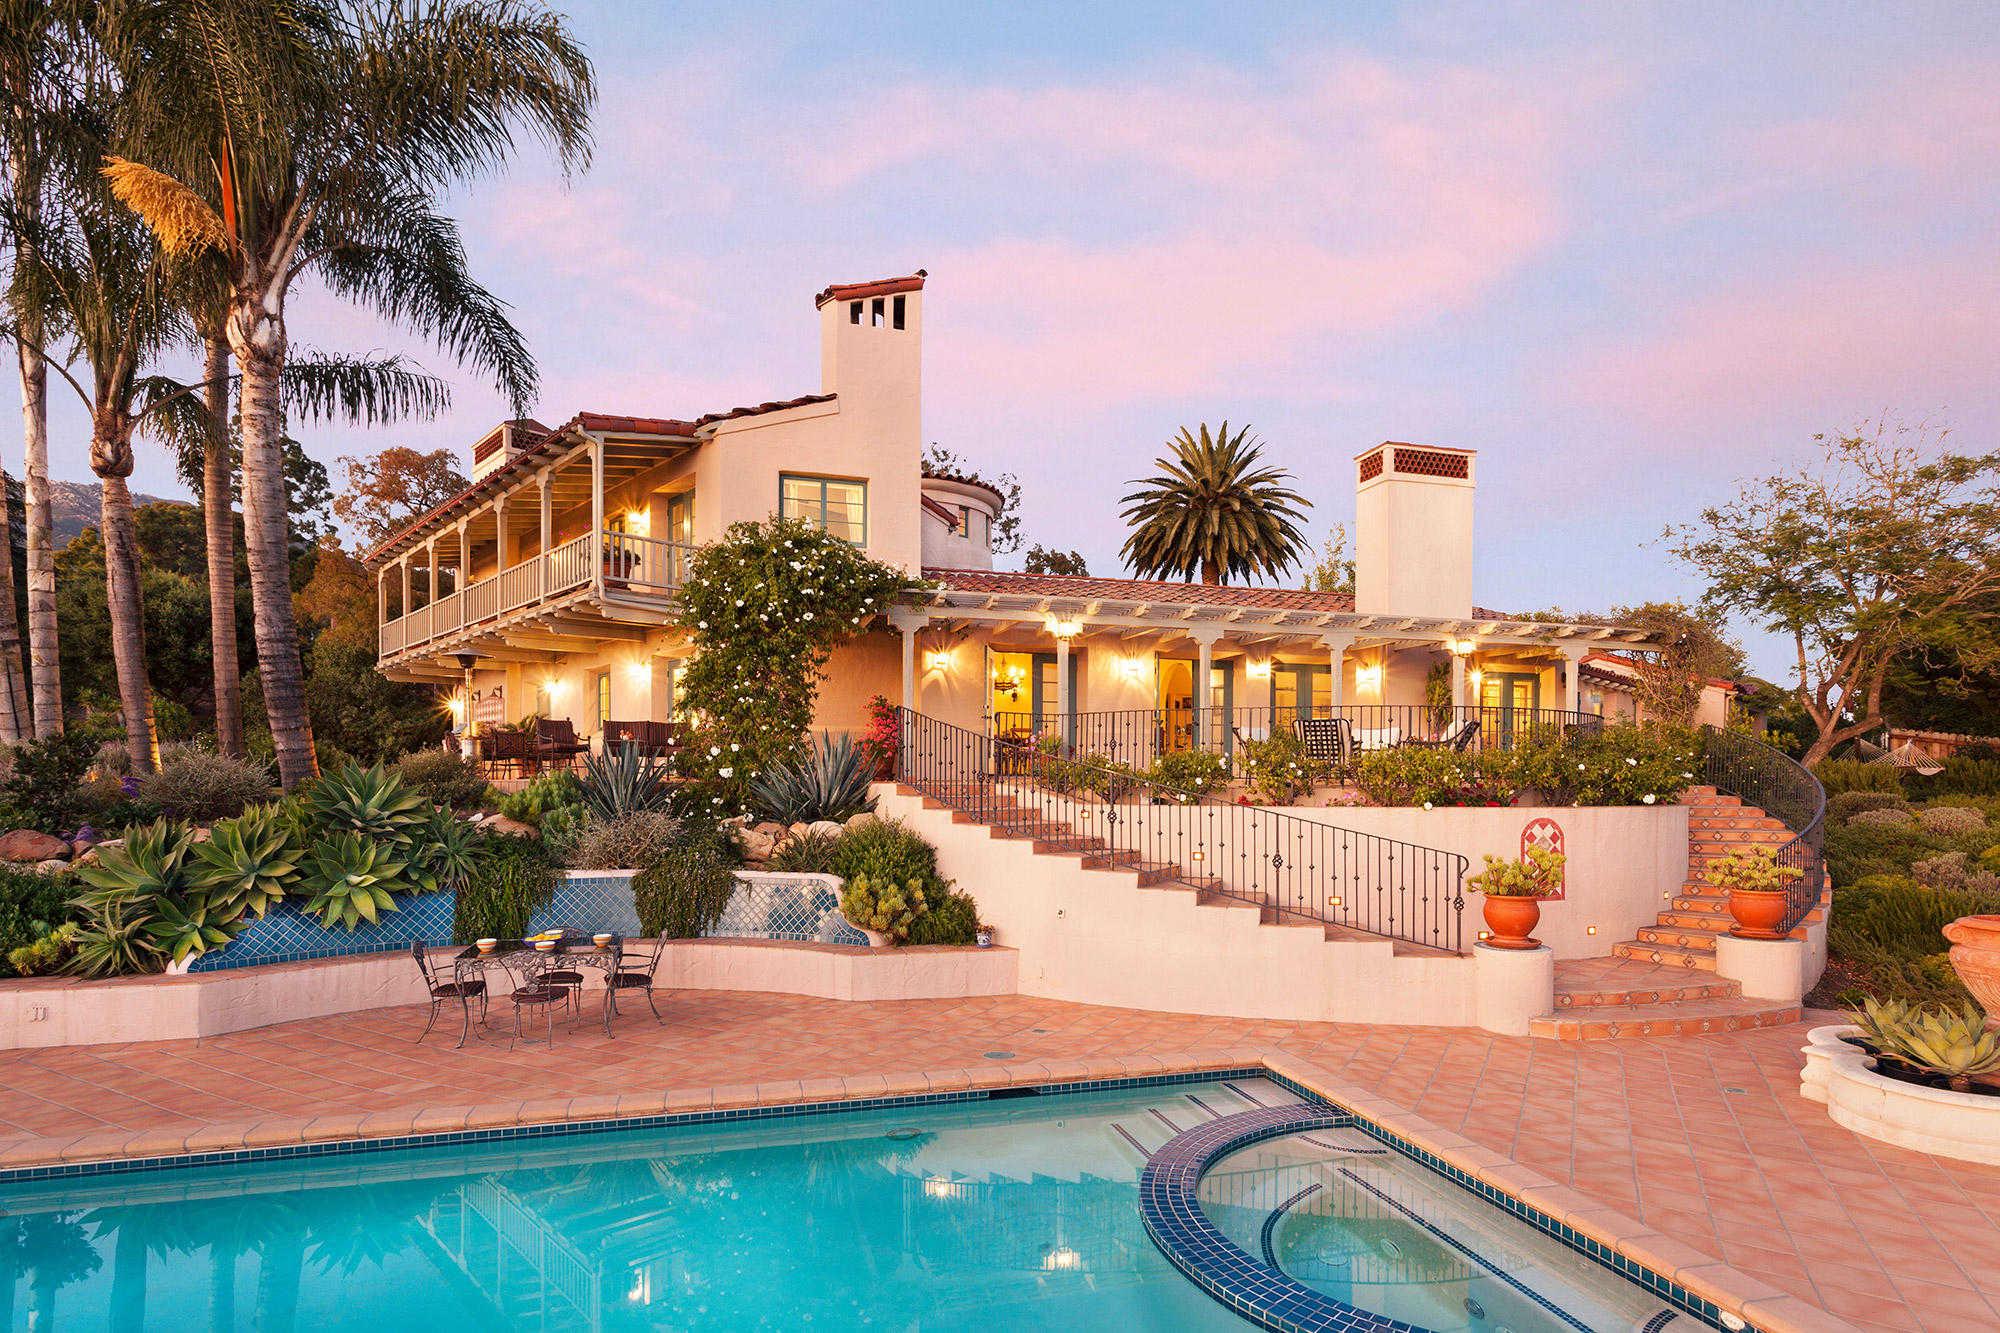 $3,350,000 - 4Br/4Ba -  for Sale in 15 - Las Canoas/el Cielito, Santa Barbara